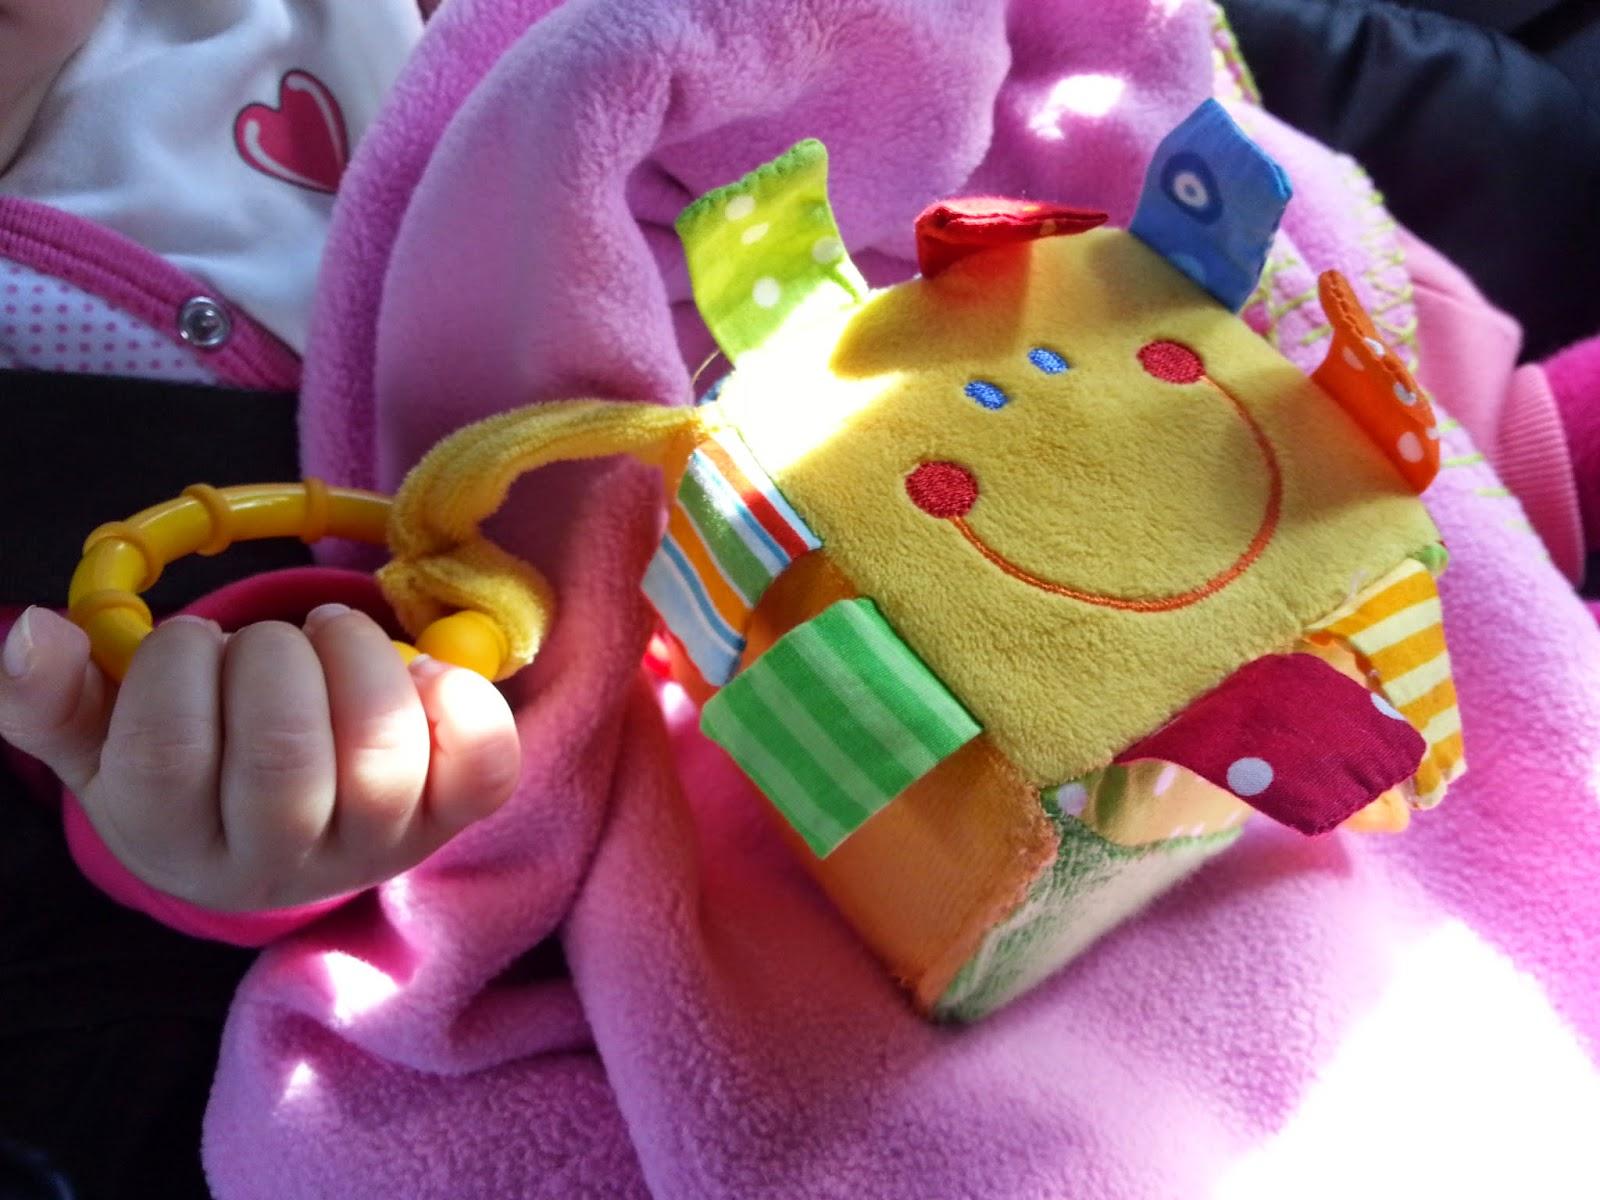 Bebeğin neden yatmadan ağlamaya başladığını görelim mi